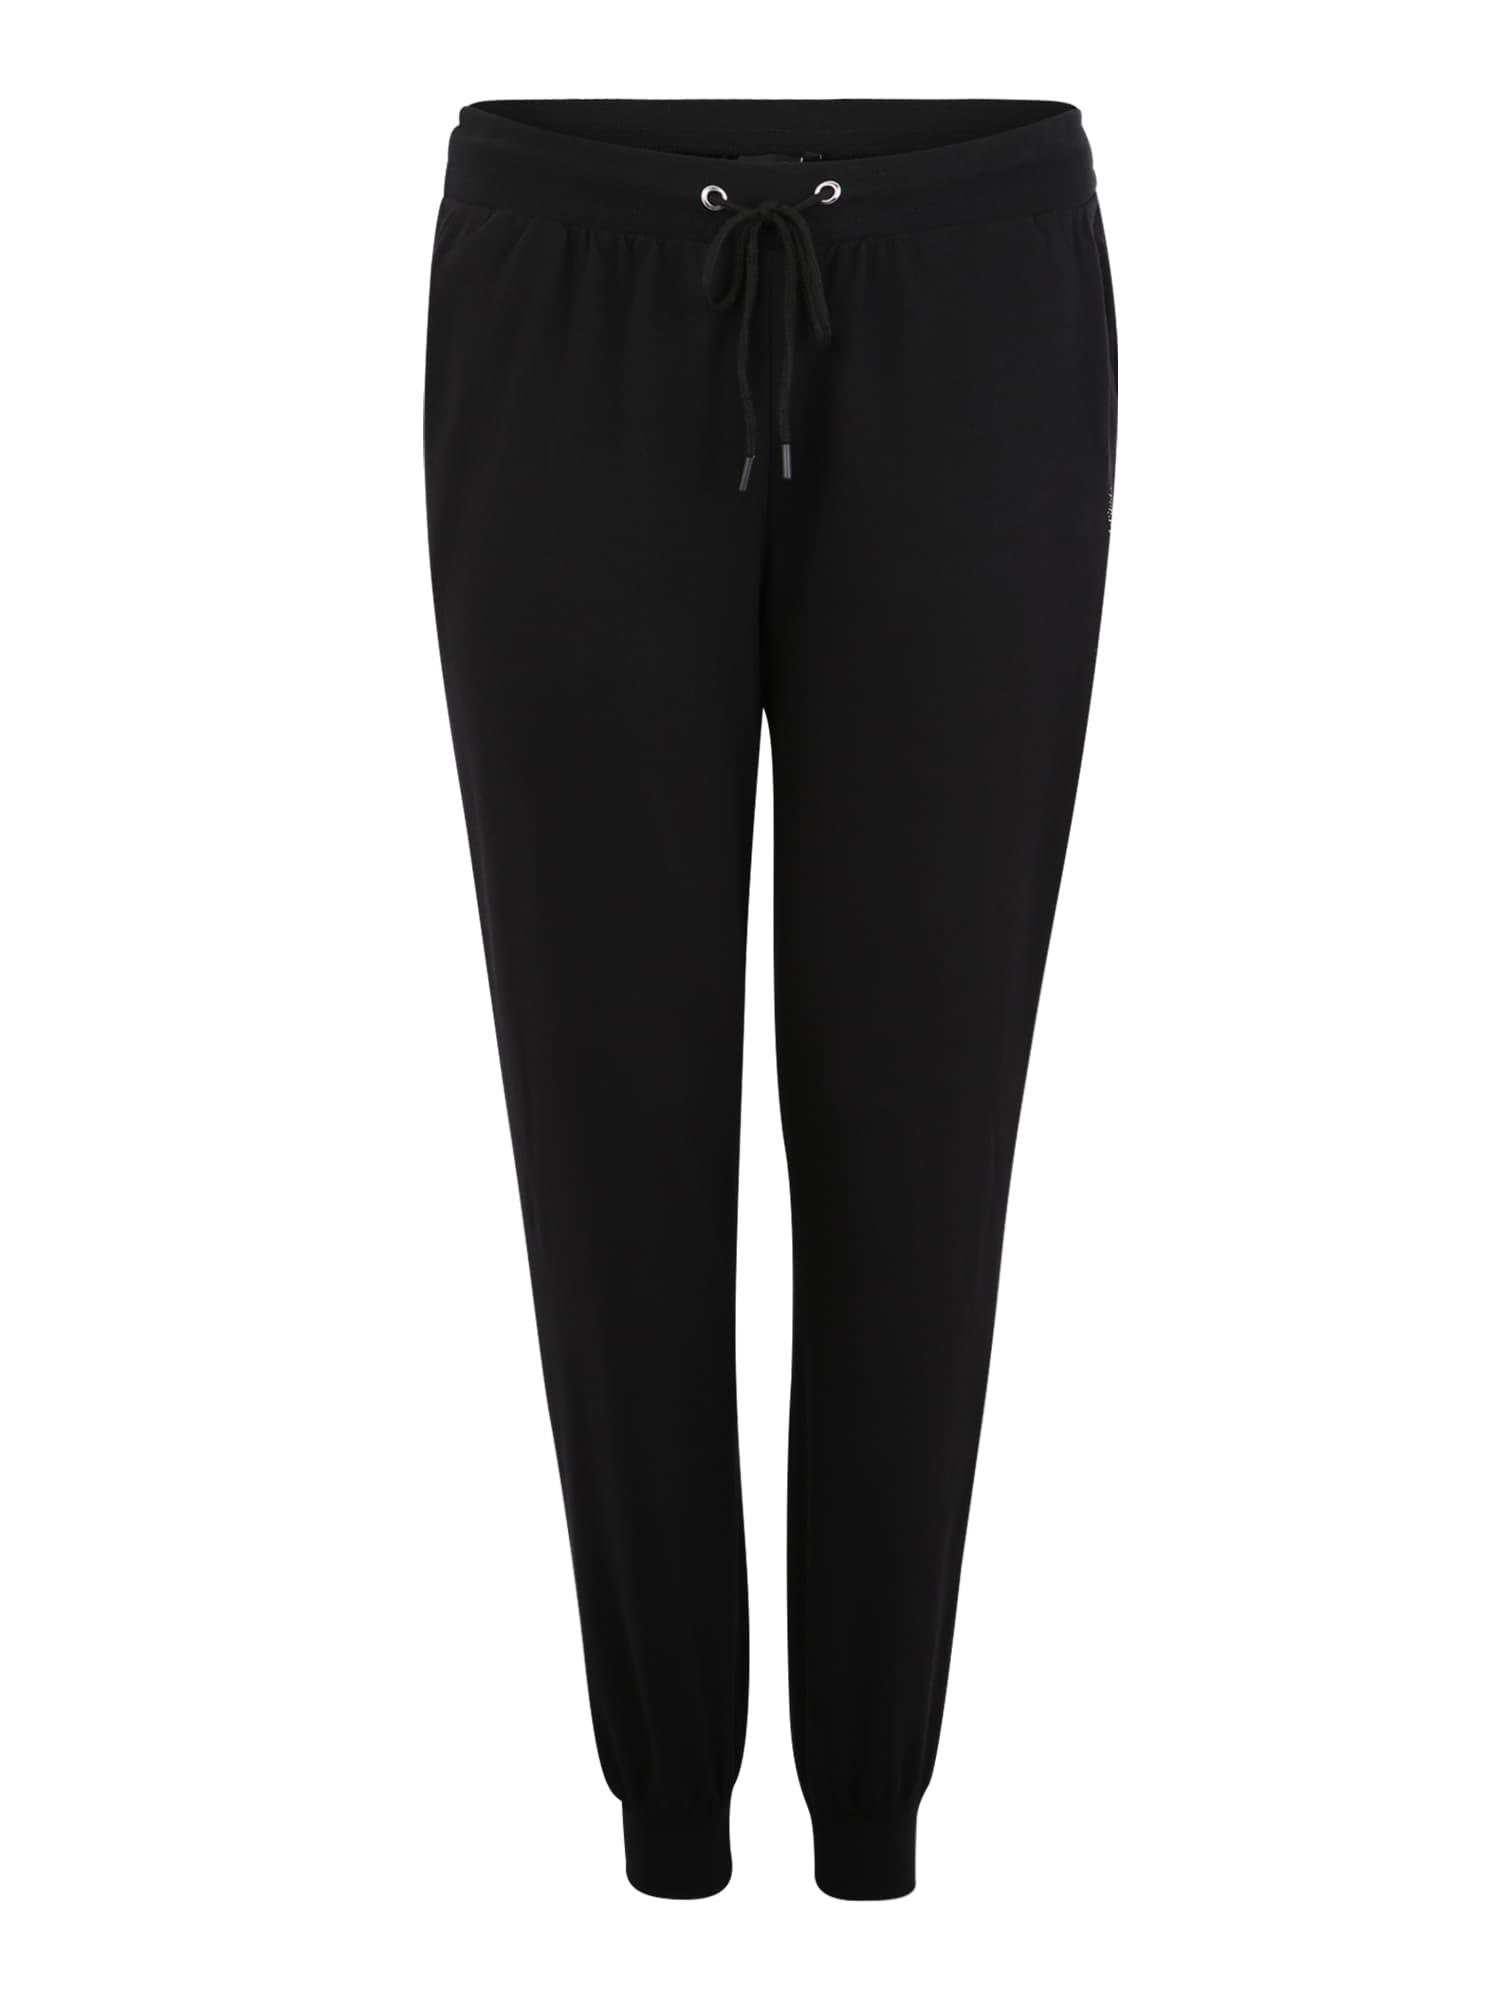 Sportovní kalhoty ABASIC LOOSE PANT černá Active By Zizzi